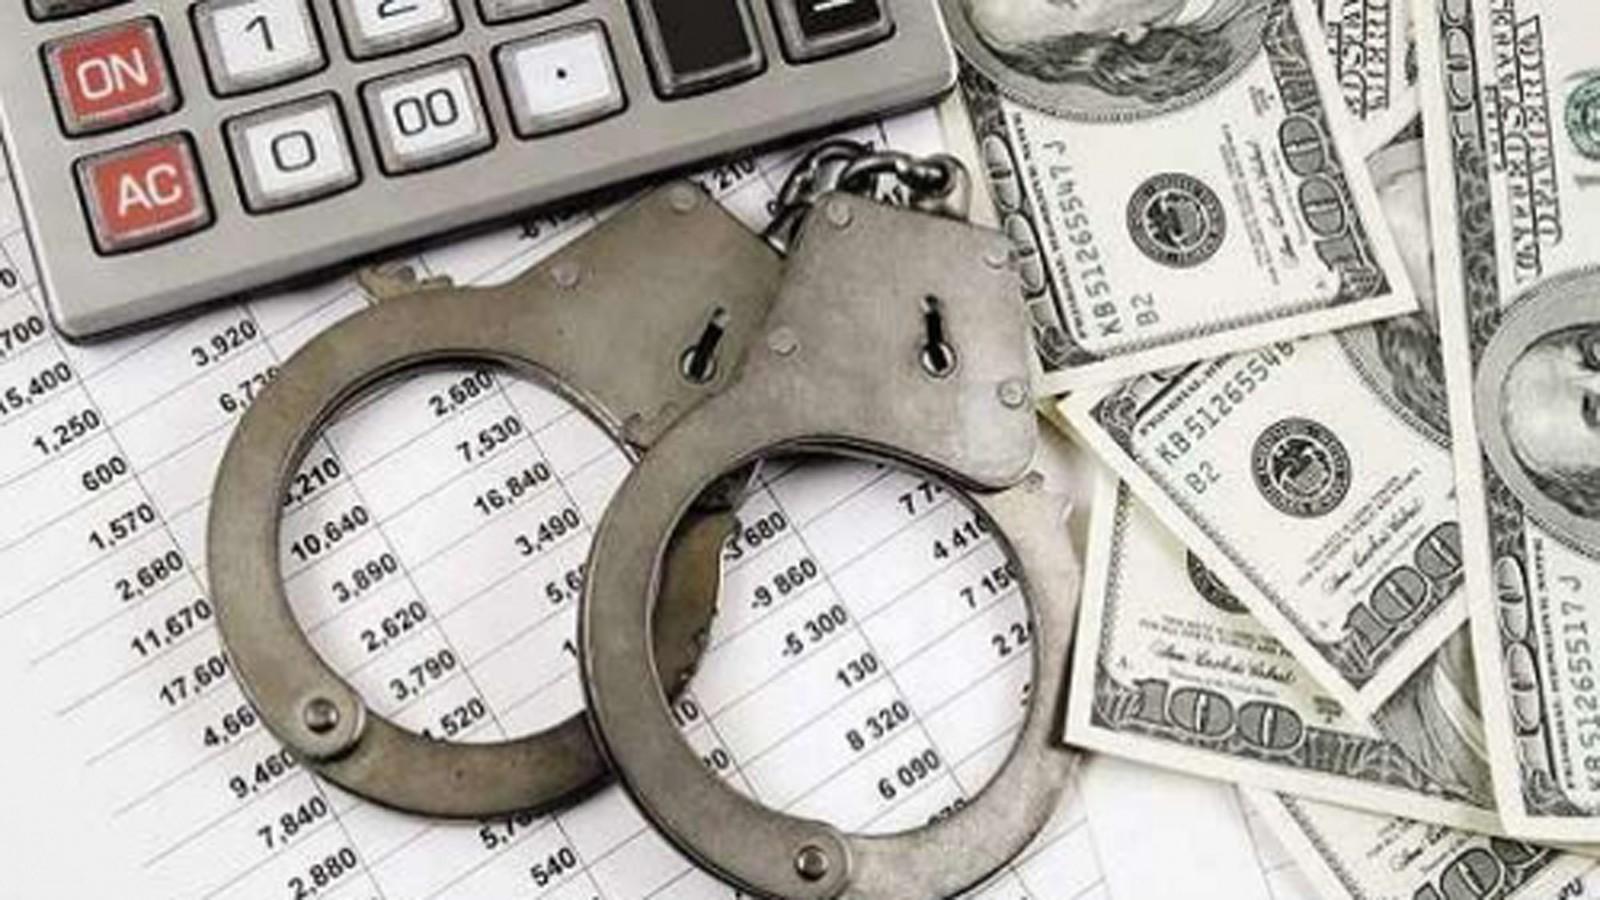 rửa tiền là hành vi bị pháp luật nghiêm cấm và xử lý nghiêm kháp theo bộ Luật Hình sự.